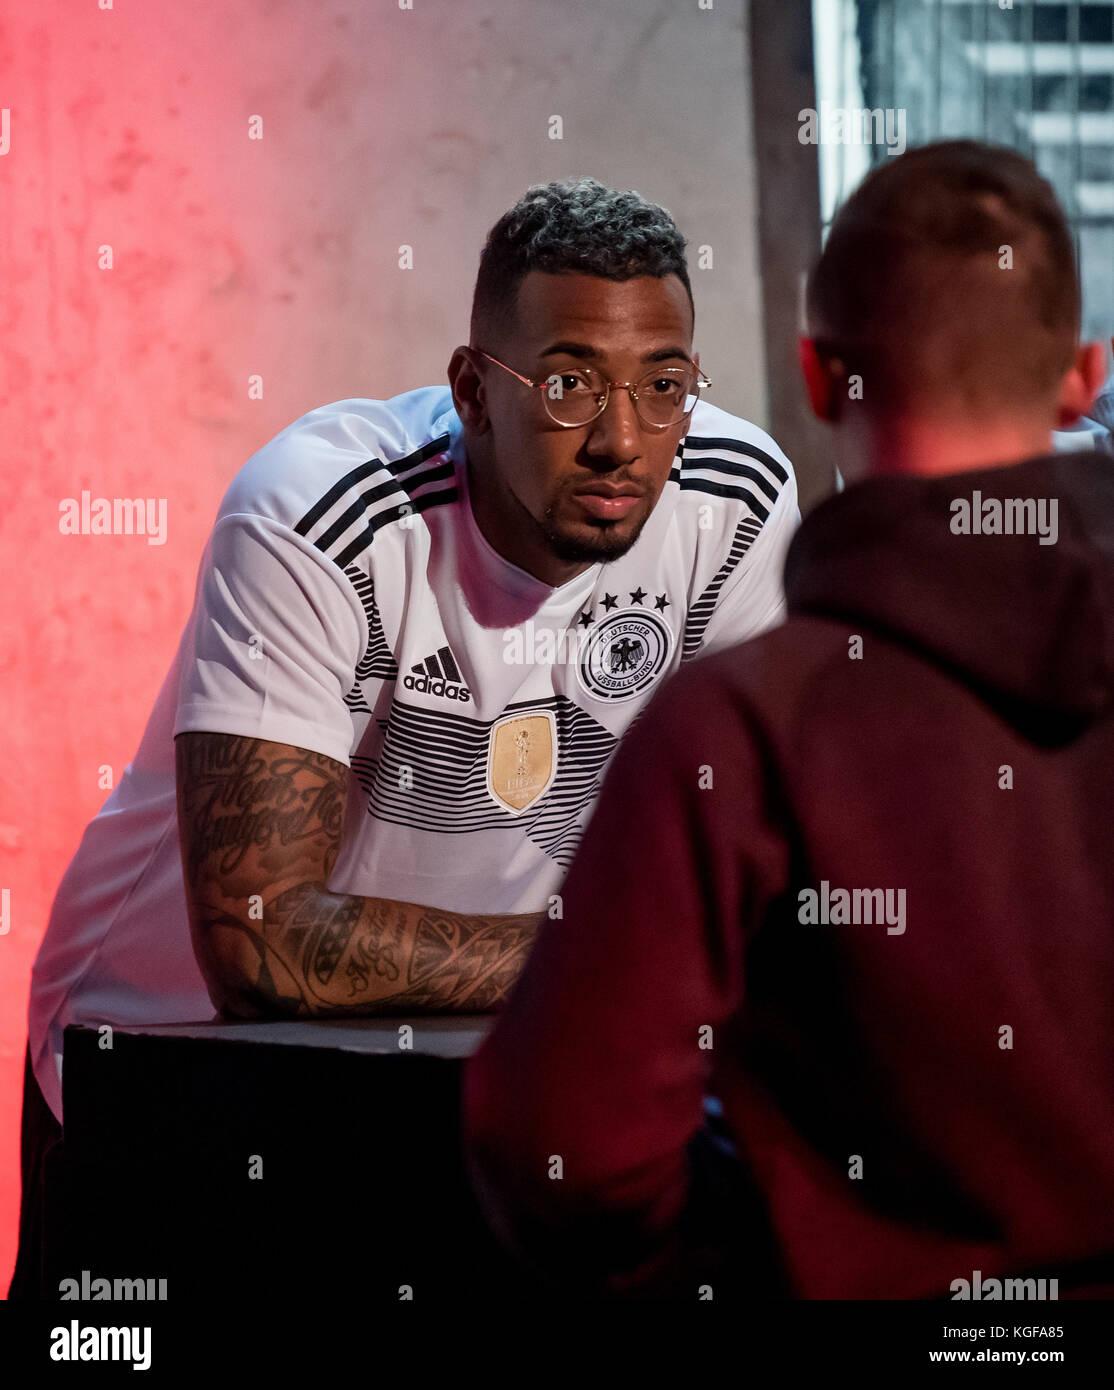 Jerome Boateng steht after der Vorstellung der neuen adidas-Trikots in einem Fussball-Kaefig  Am heutigen Dienstag - Stock Image